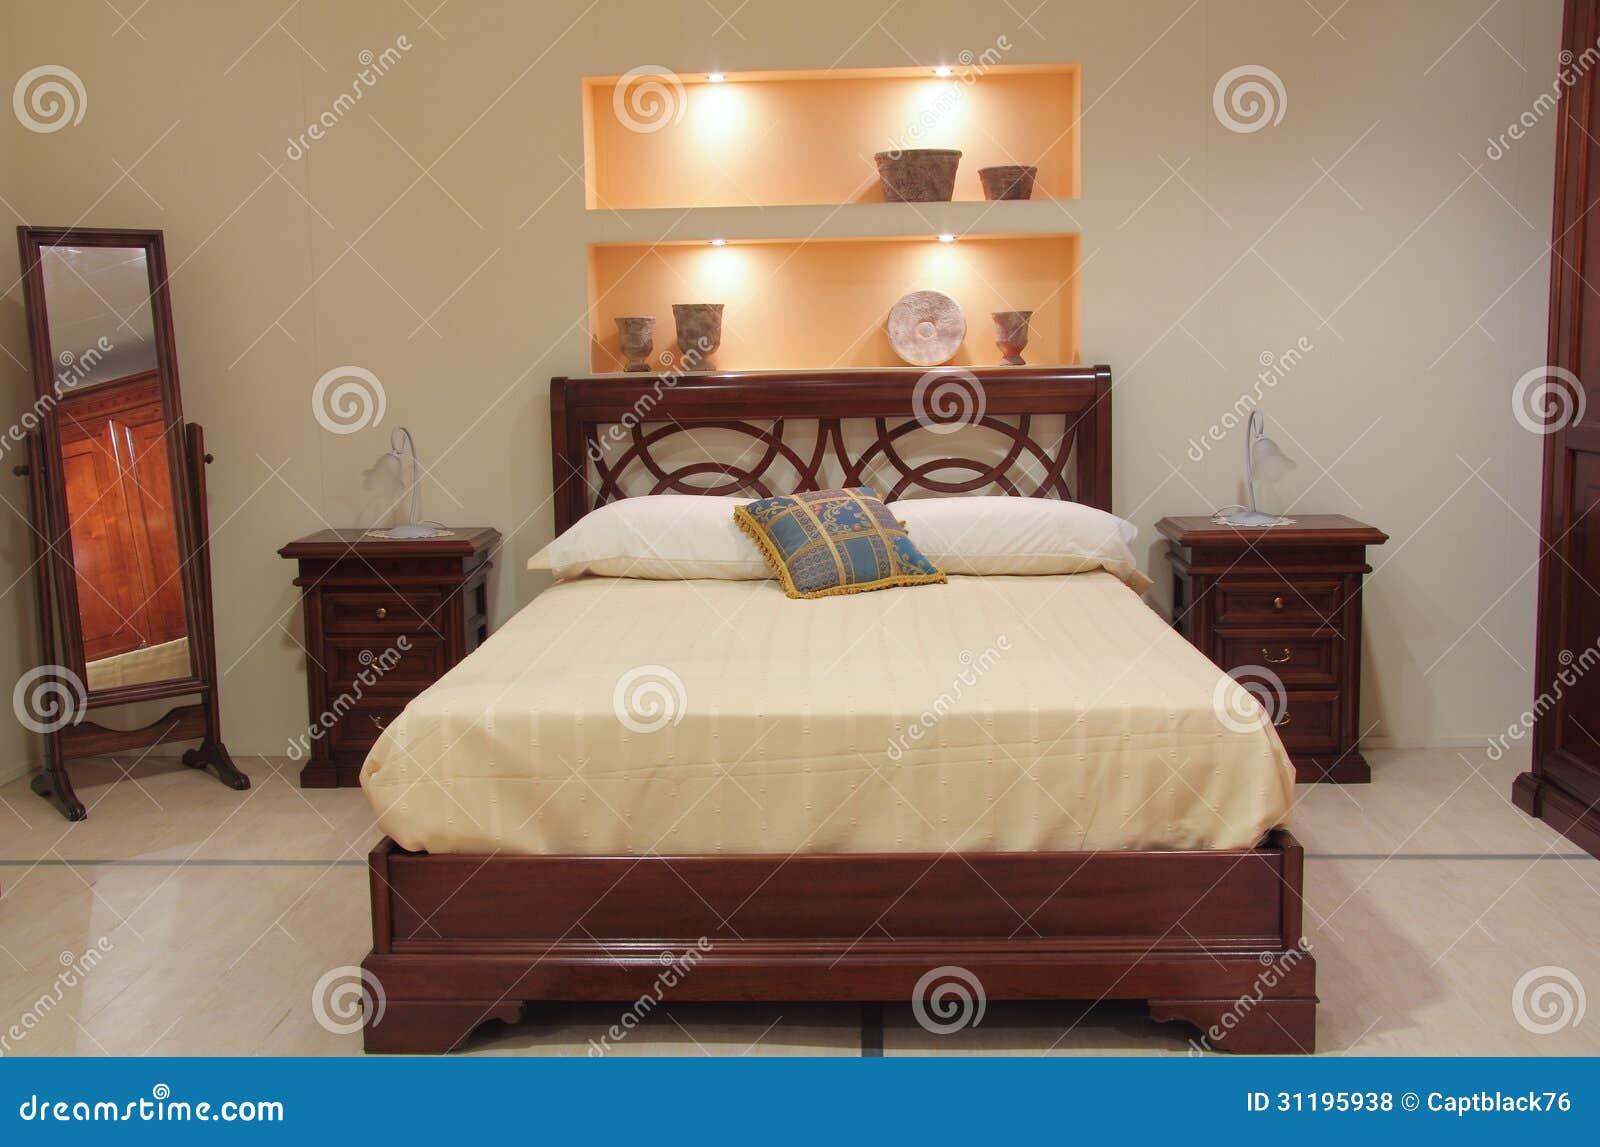 chambre coucher classique avec les meubles en bois l gants photos libres de droits image. Black Bedroom Furniture Sets. Home Design Ideas